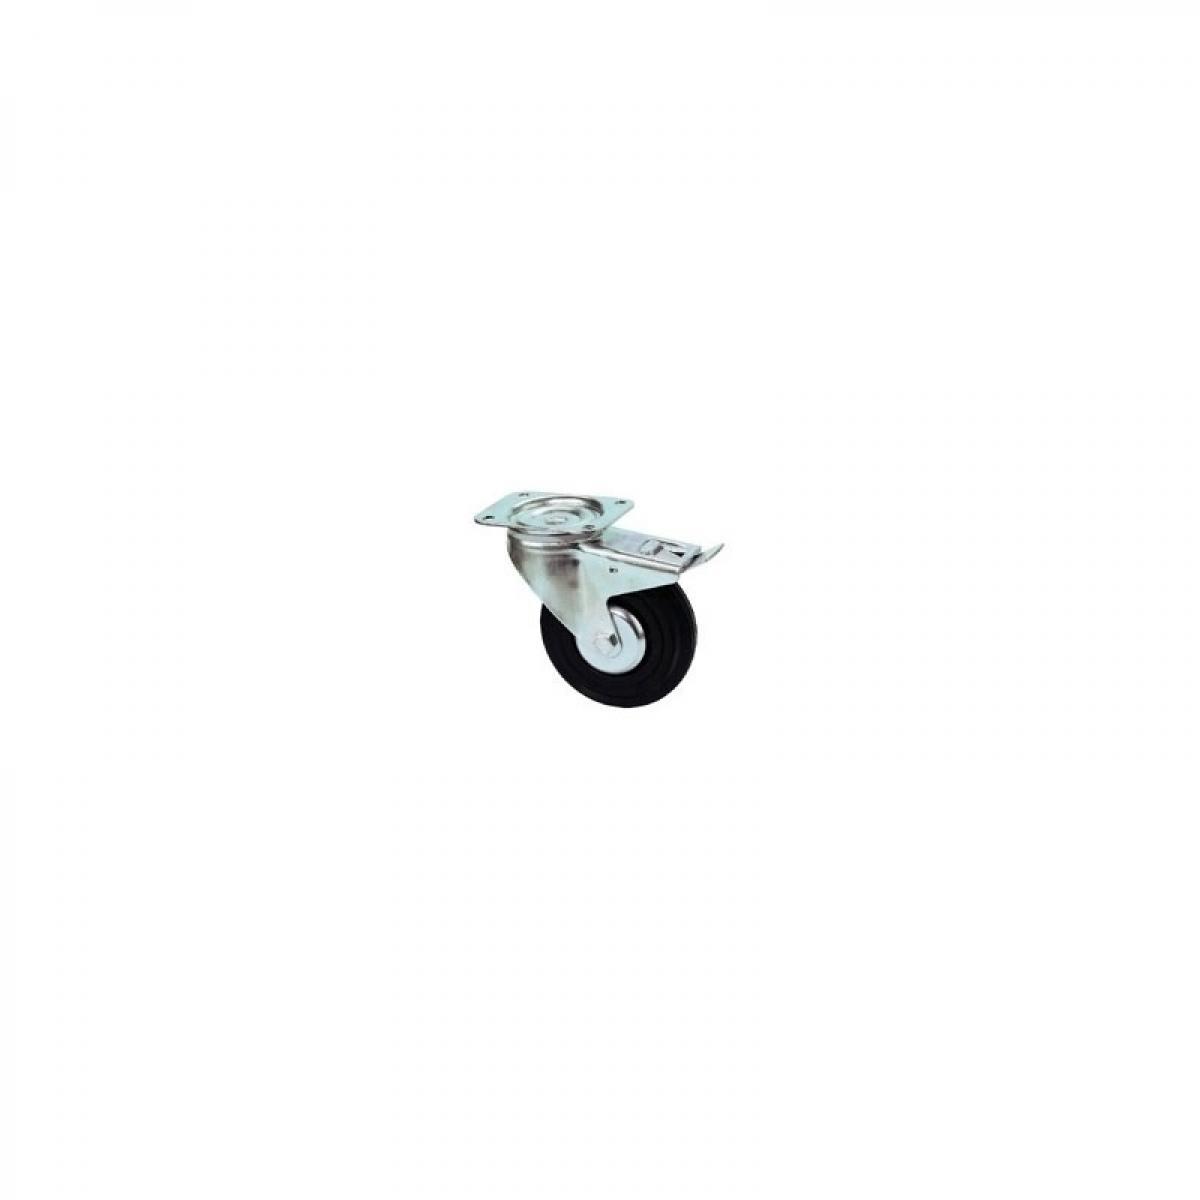 Tente Roulette pivotante à frein - Hauteur totale : 240 mm - Charge : 205 kg - Diamètre : 200 mm - TENTE